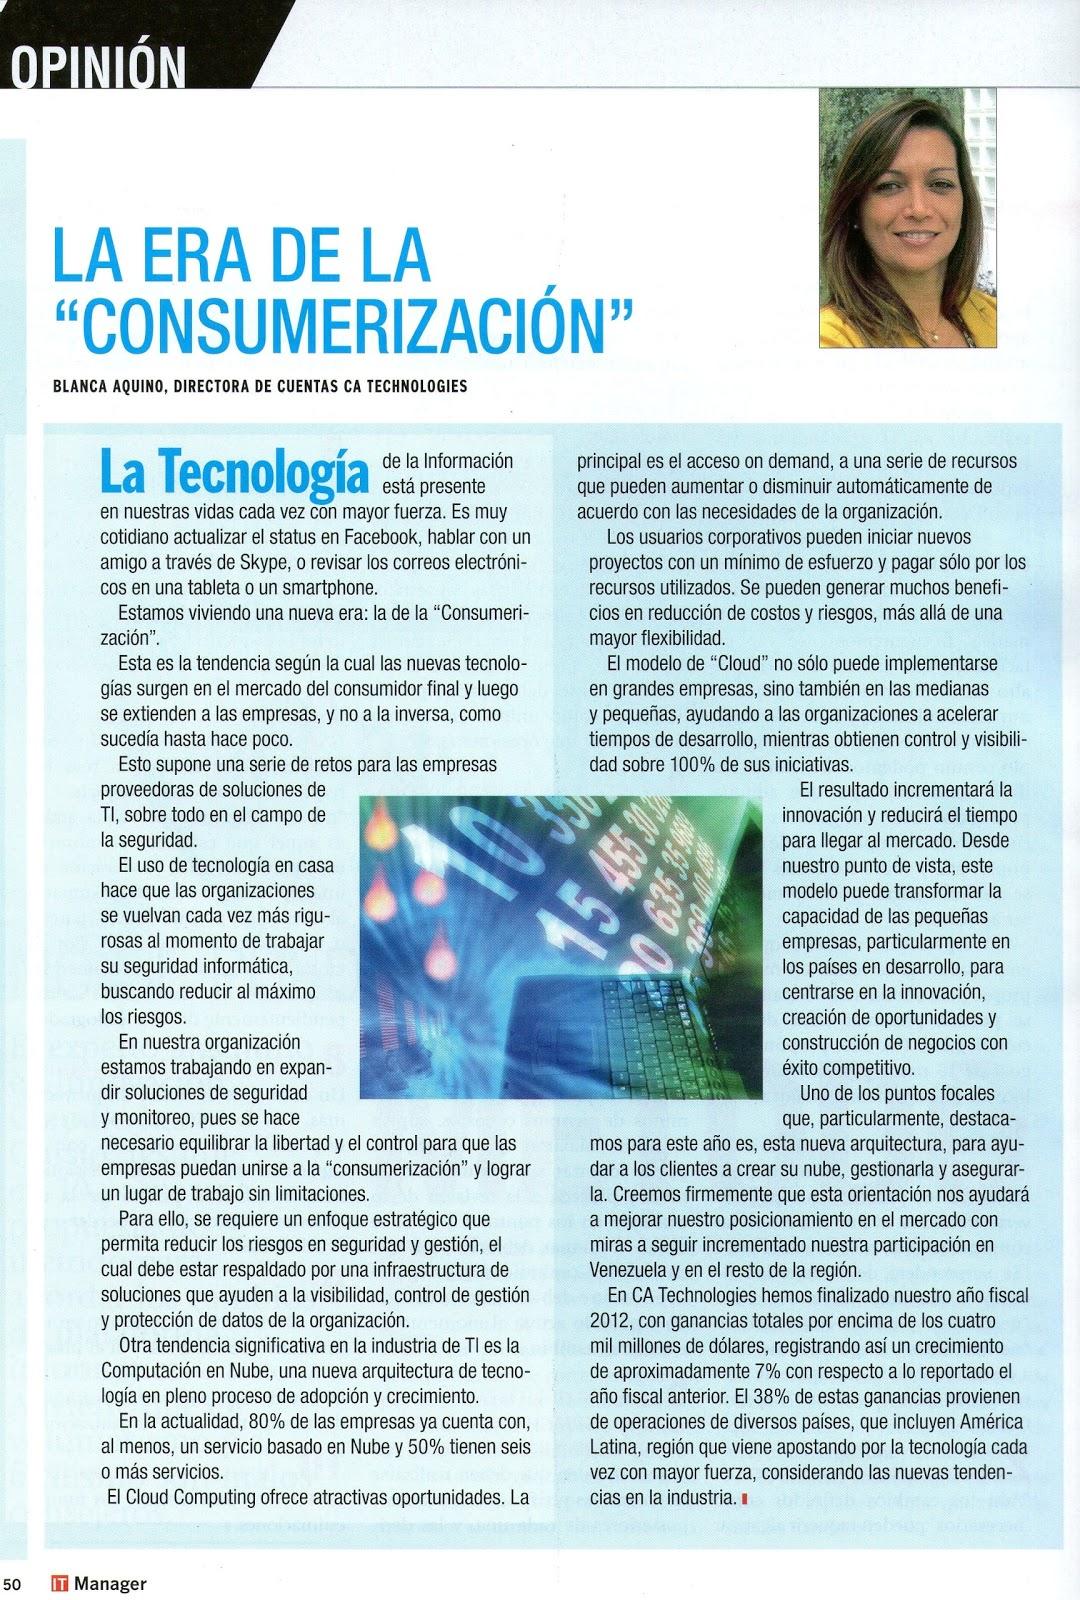 Artículo de opinión en la revista IT Manager - CA Technologies